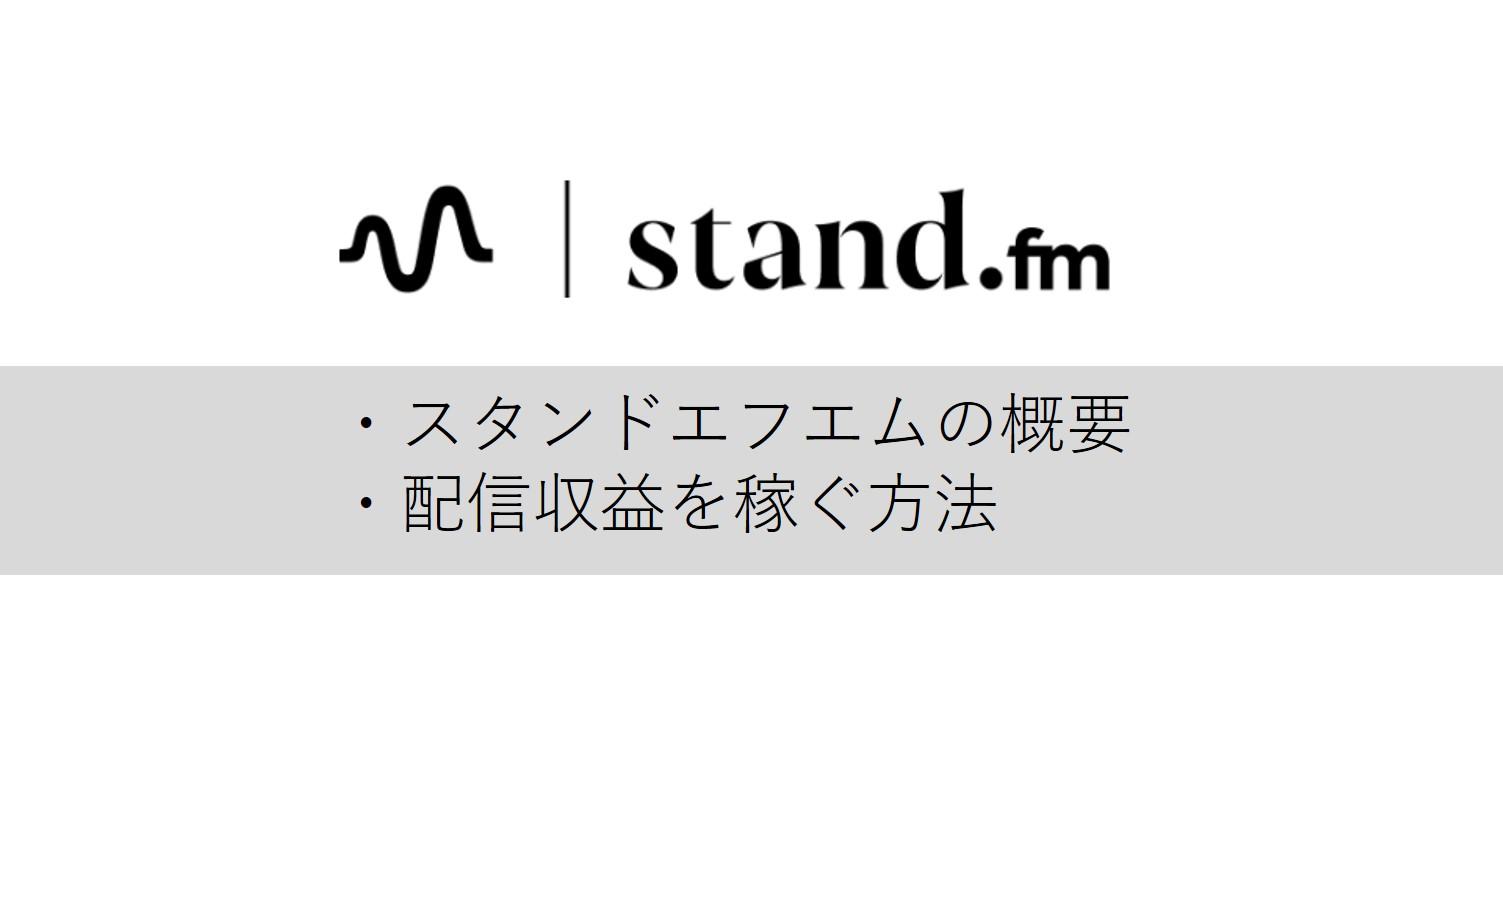 stand.fm 概要